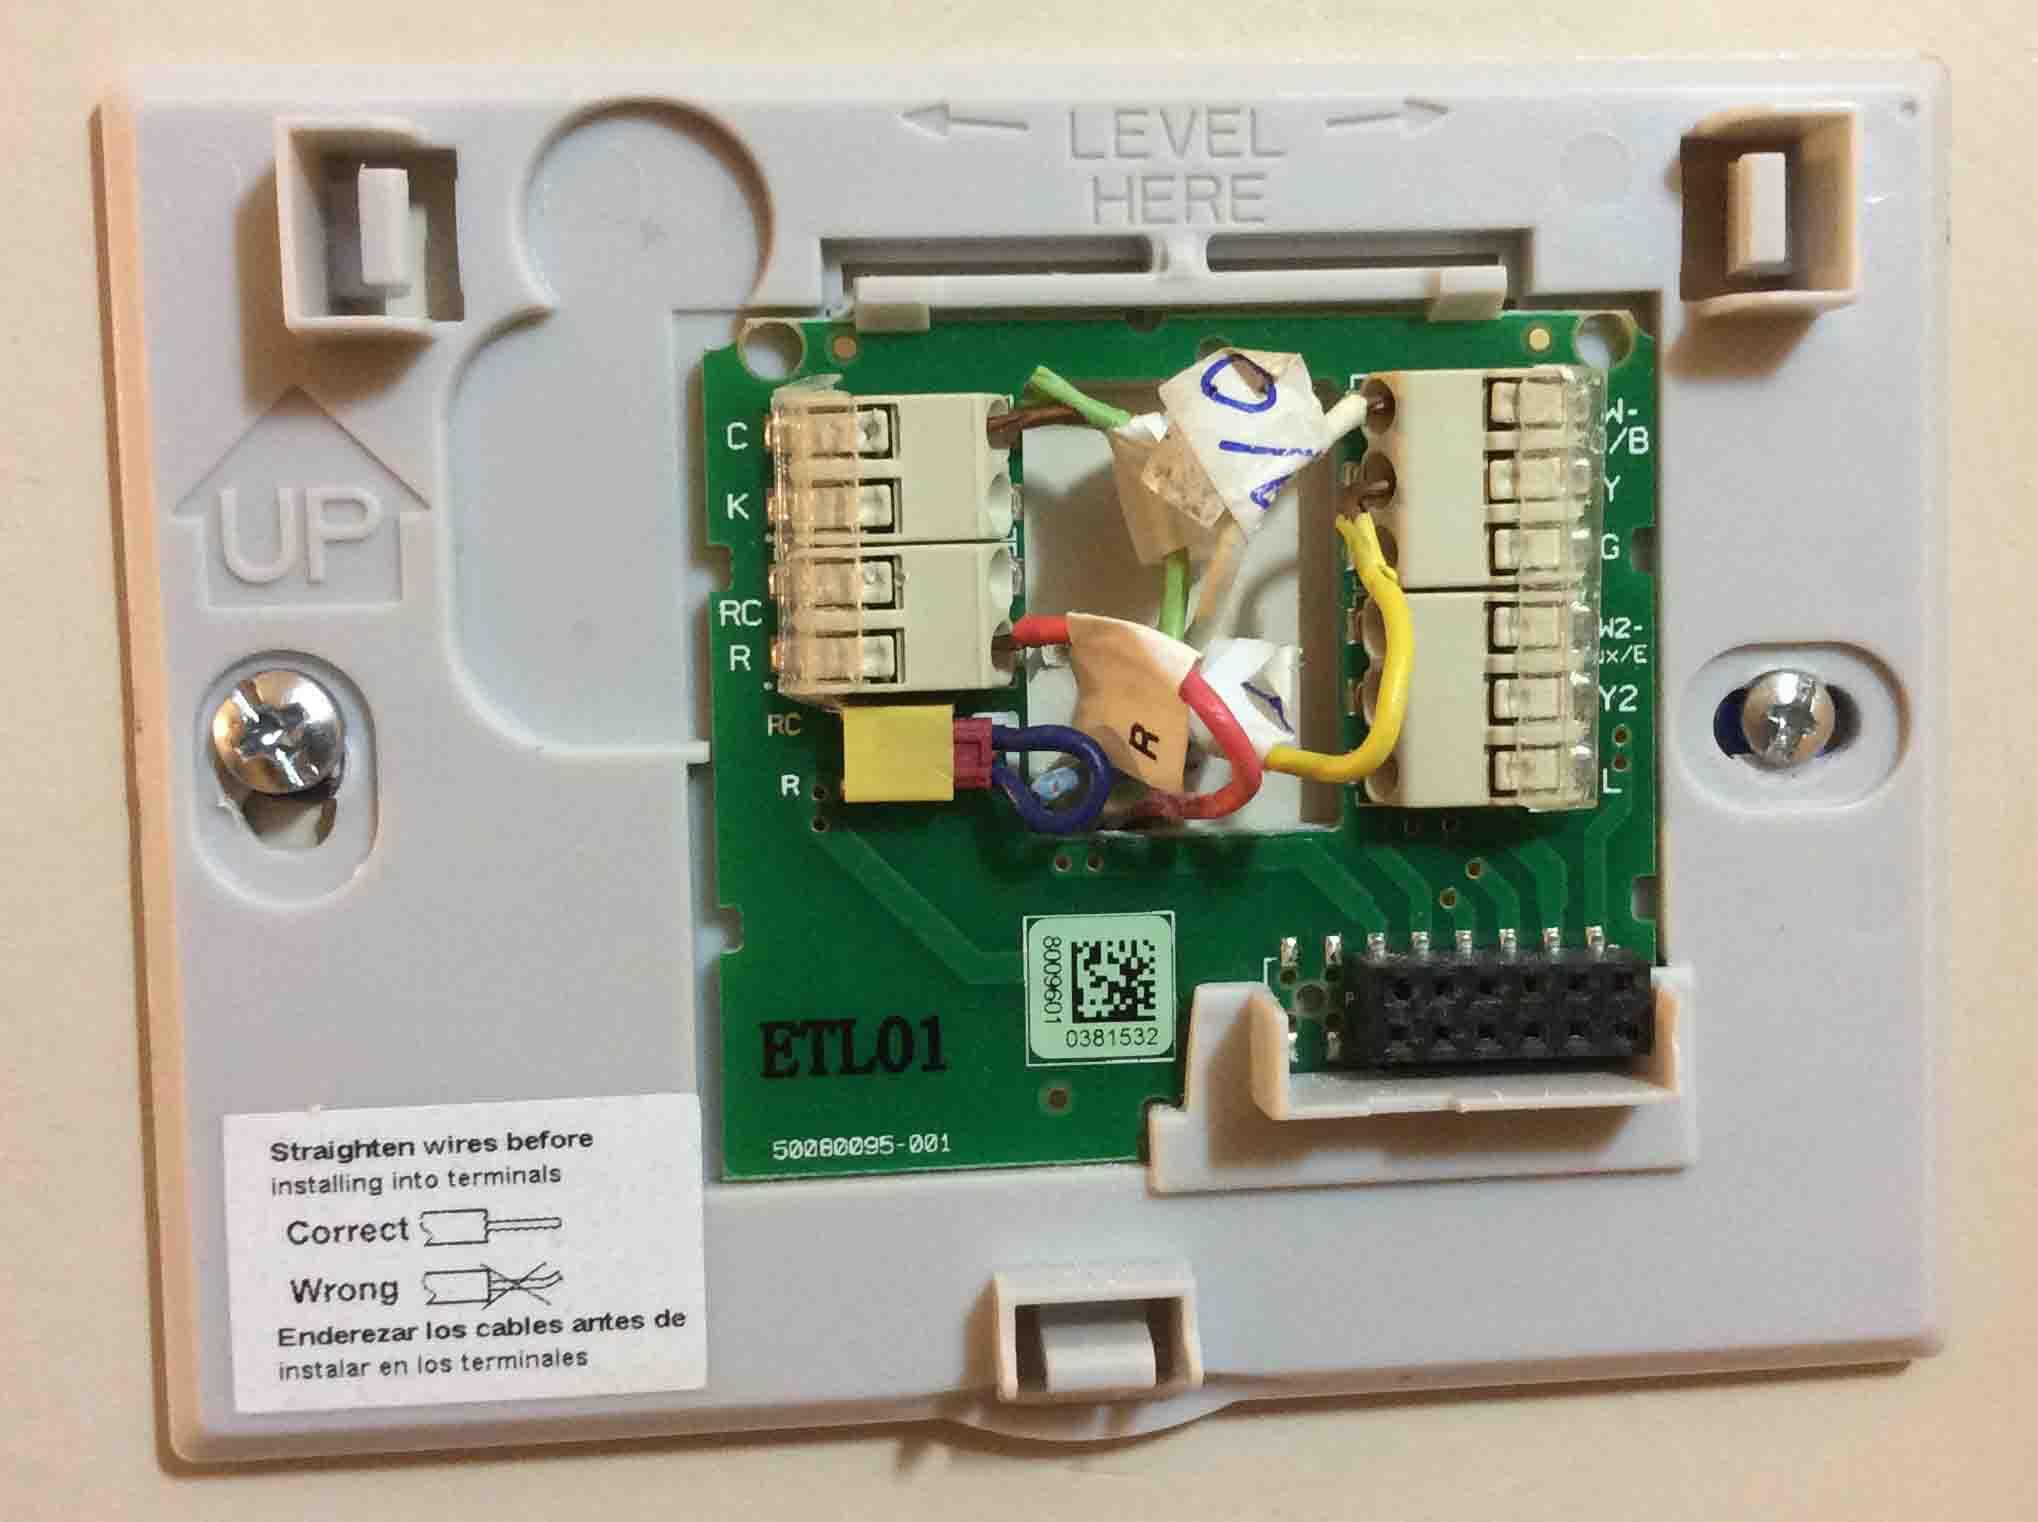 HoneywellSmartThermostatRTH9580WFWallPlateMountedWiresConnected_001?resize\=825%2C510\&ssl\=1 4 wire thermostat wiring color code wiring diagram all data